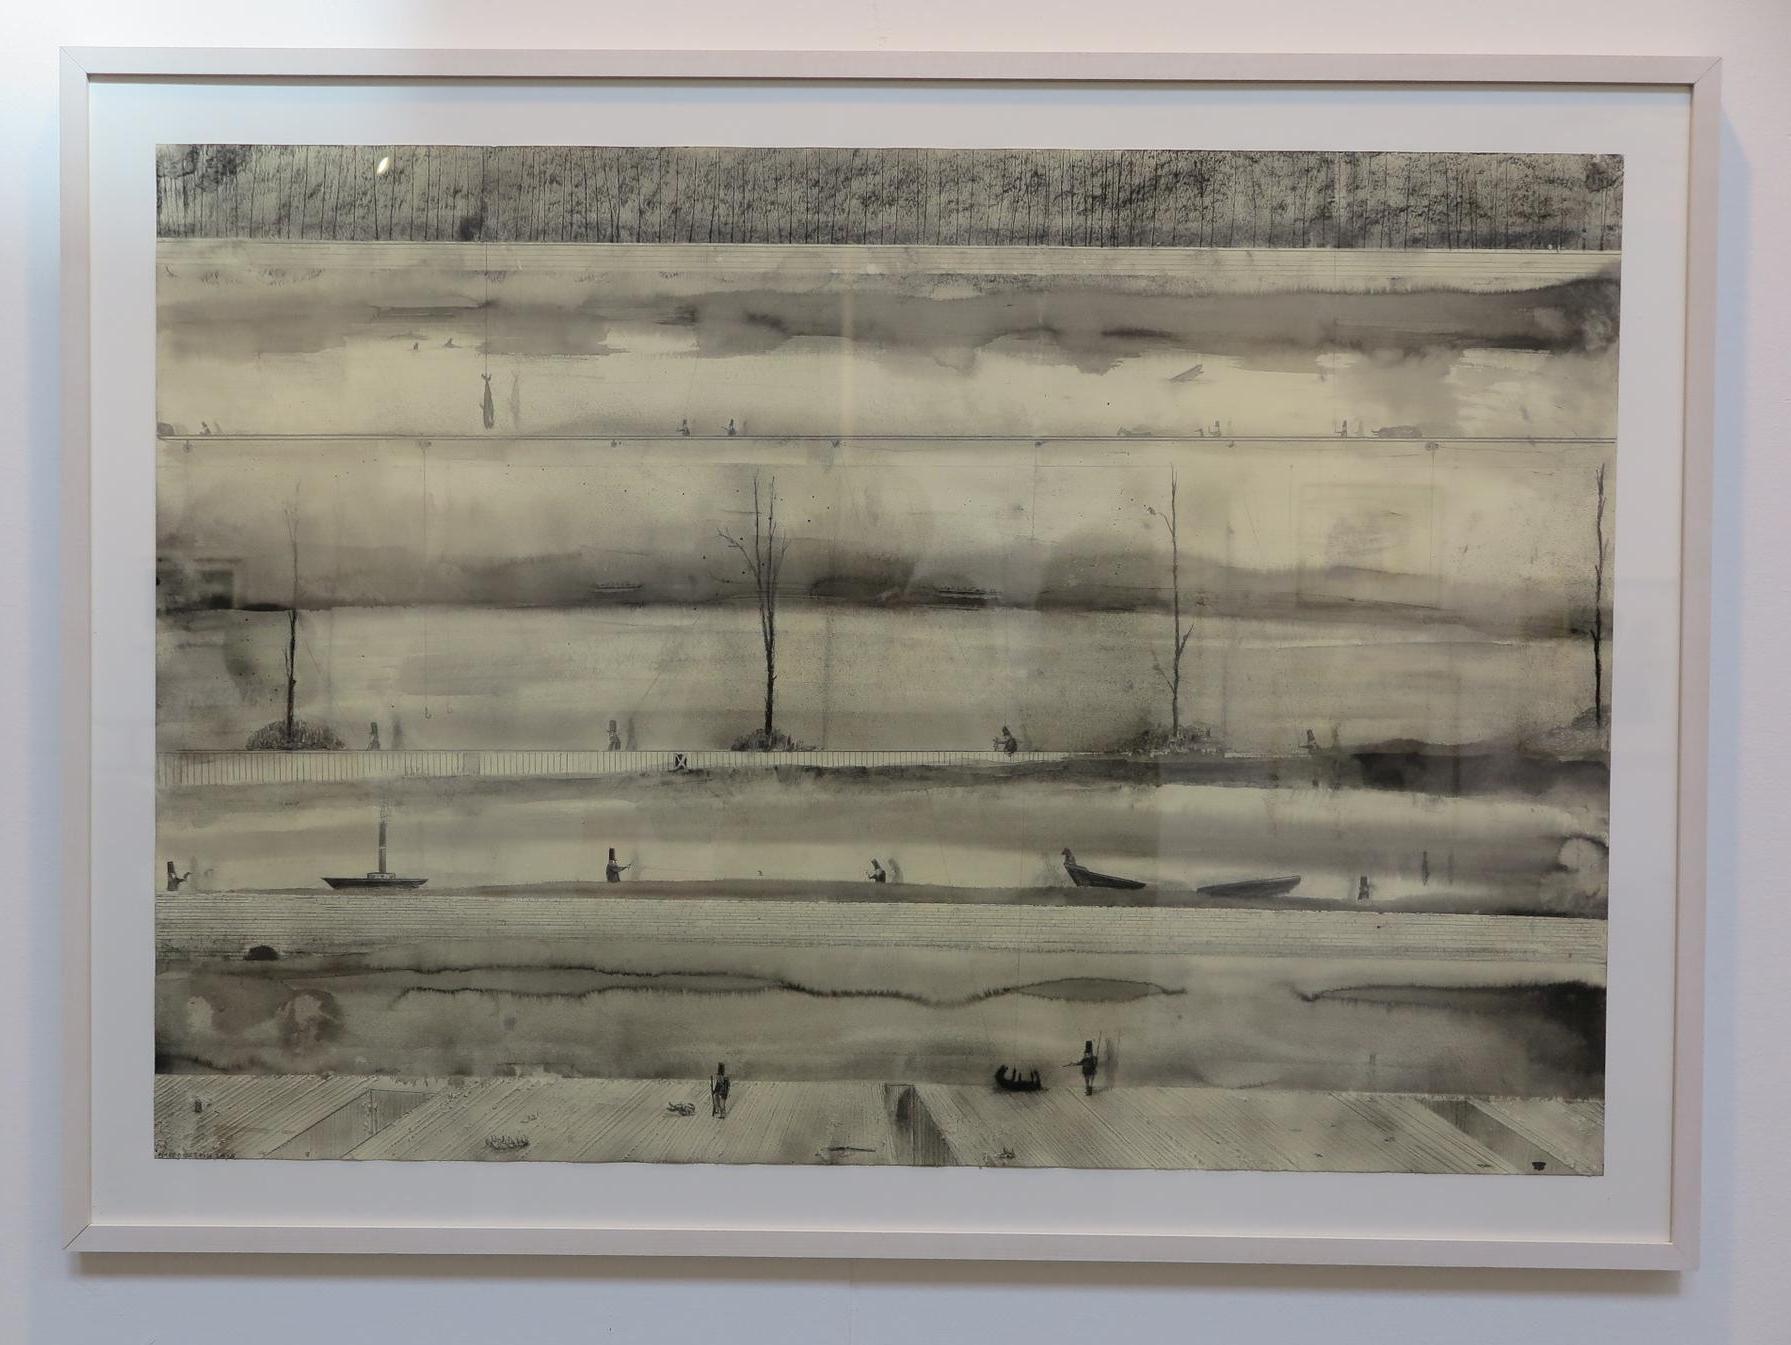 Paul Nasserstein - Luycks galerie